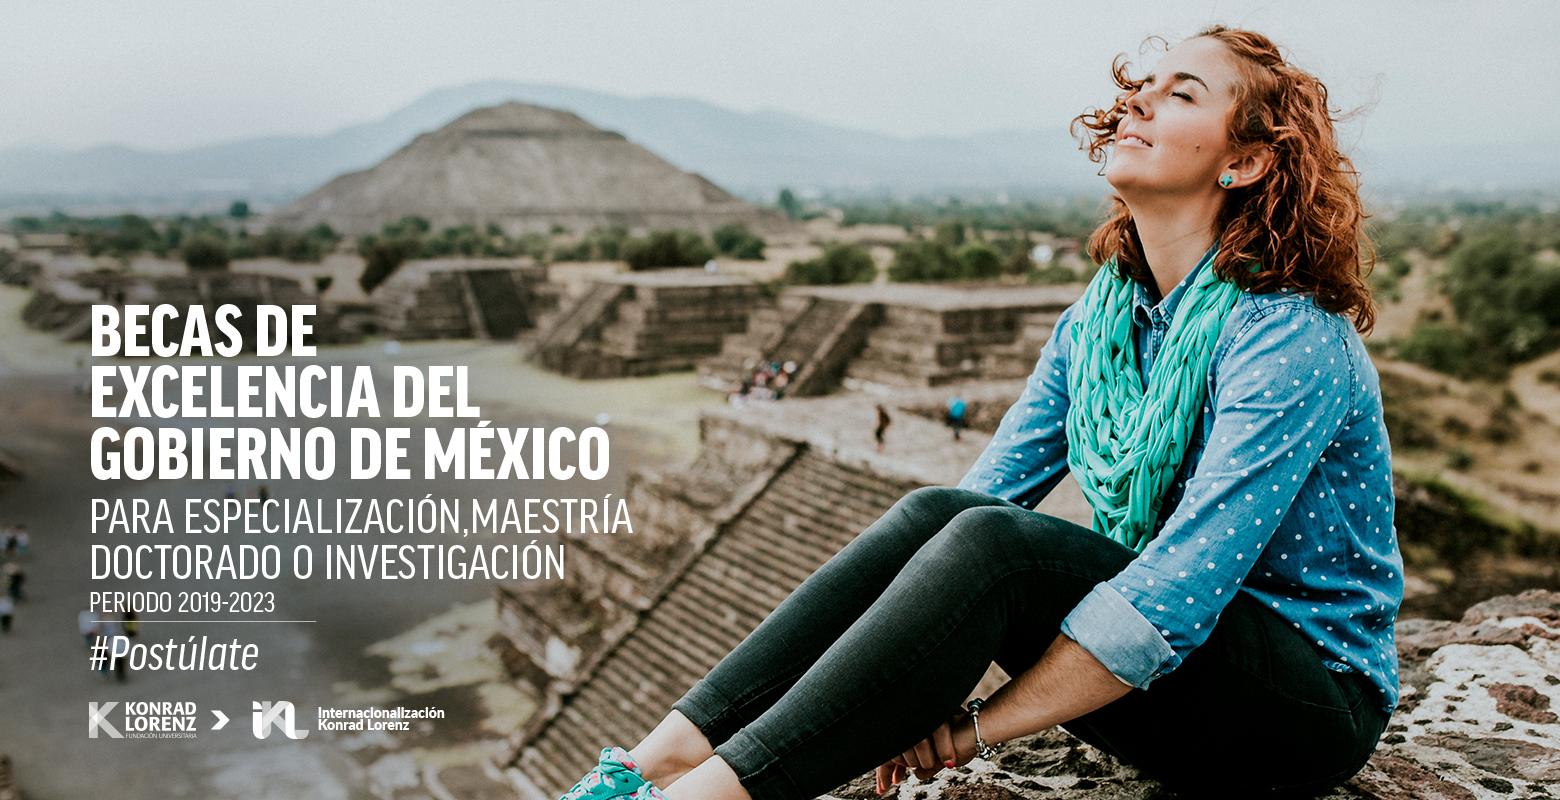 #Postúlate Becas de Excelencia del Gobierno Mexicano 2019